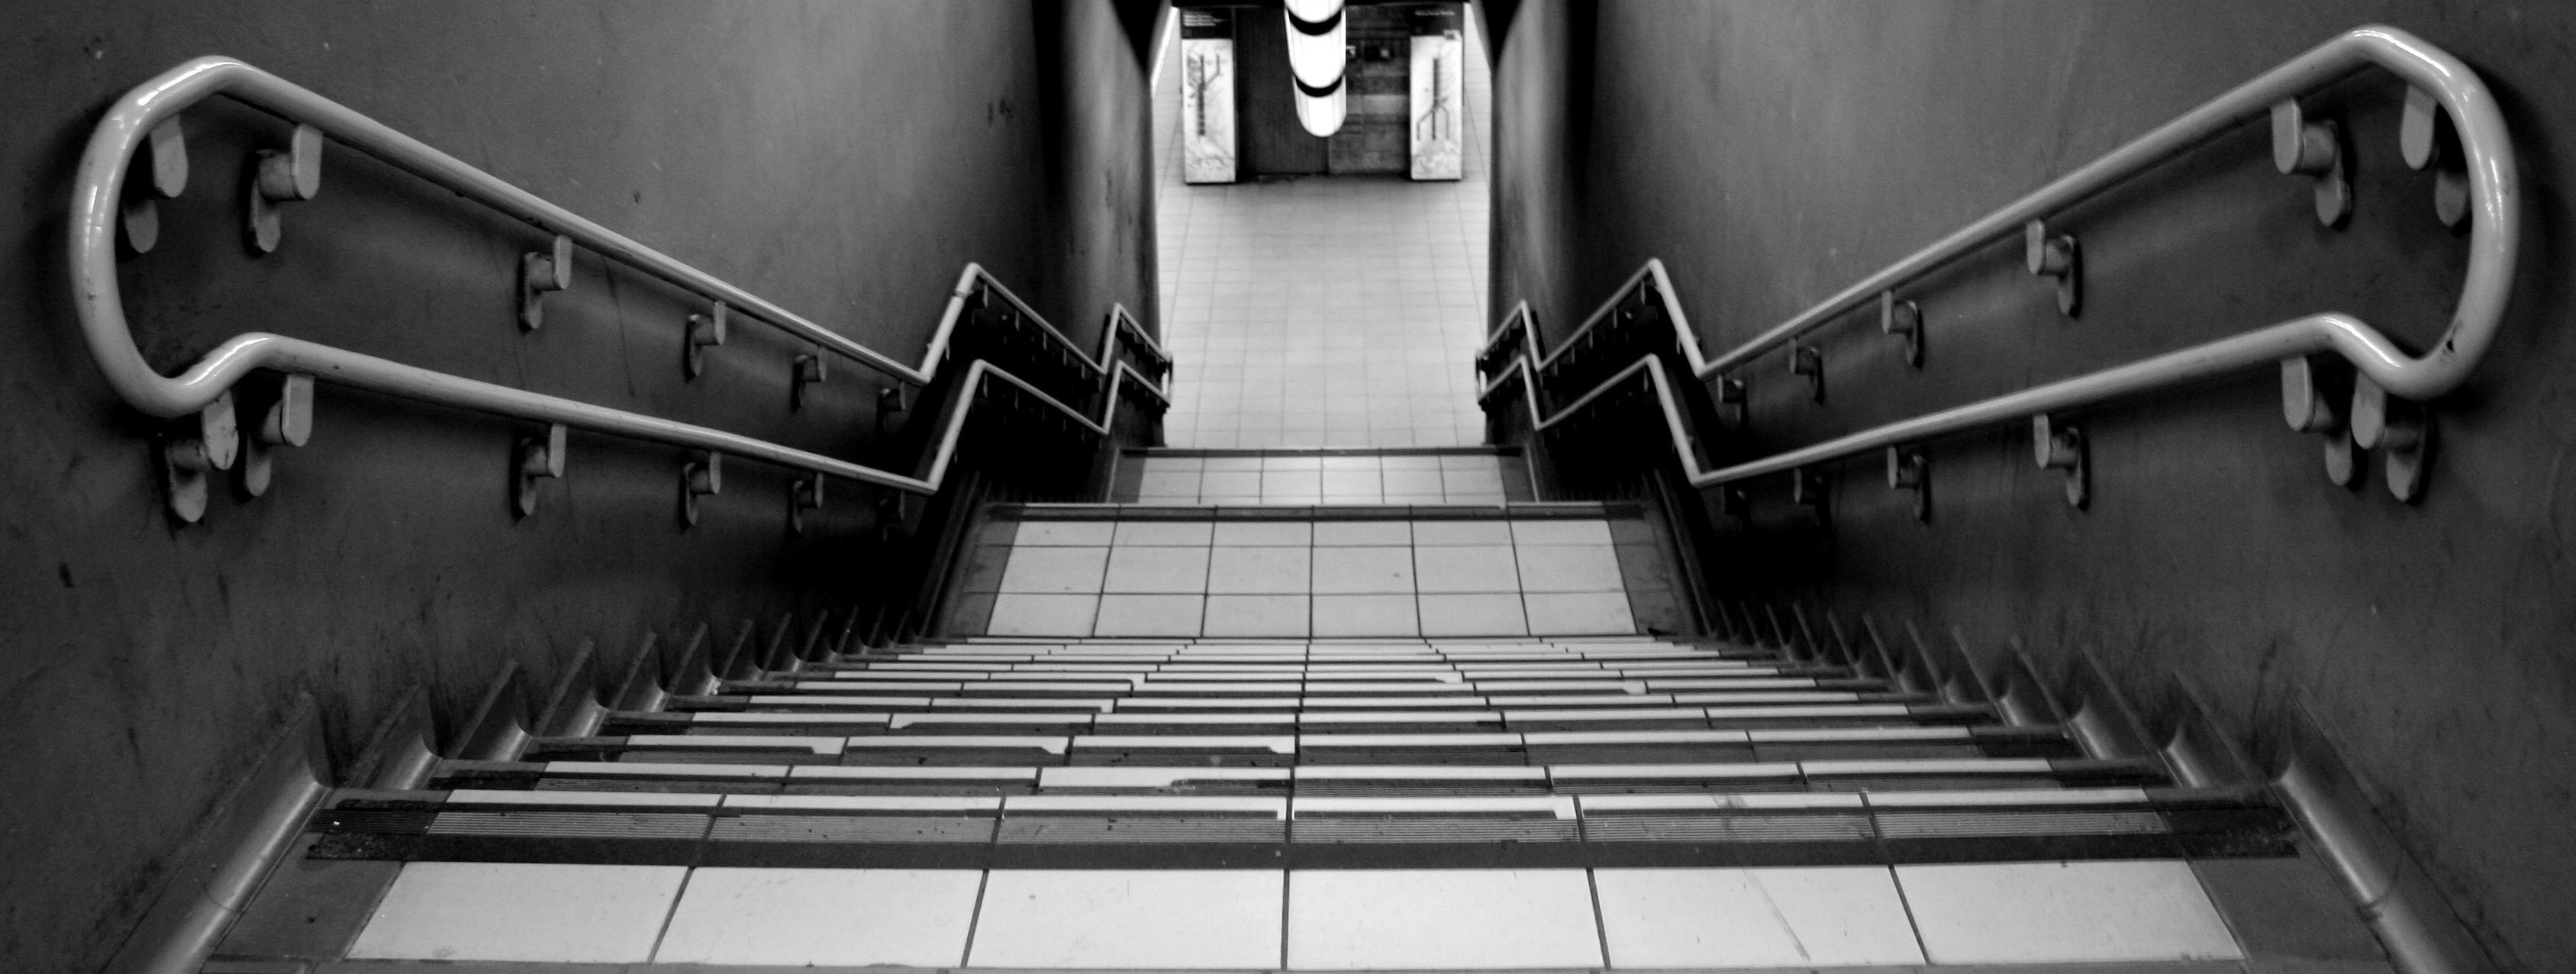 Milan_stairway3-1